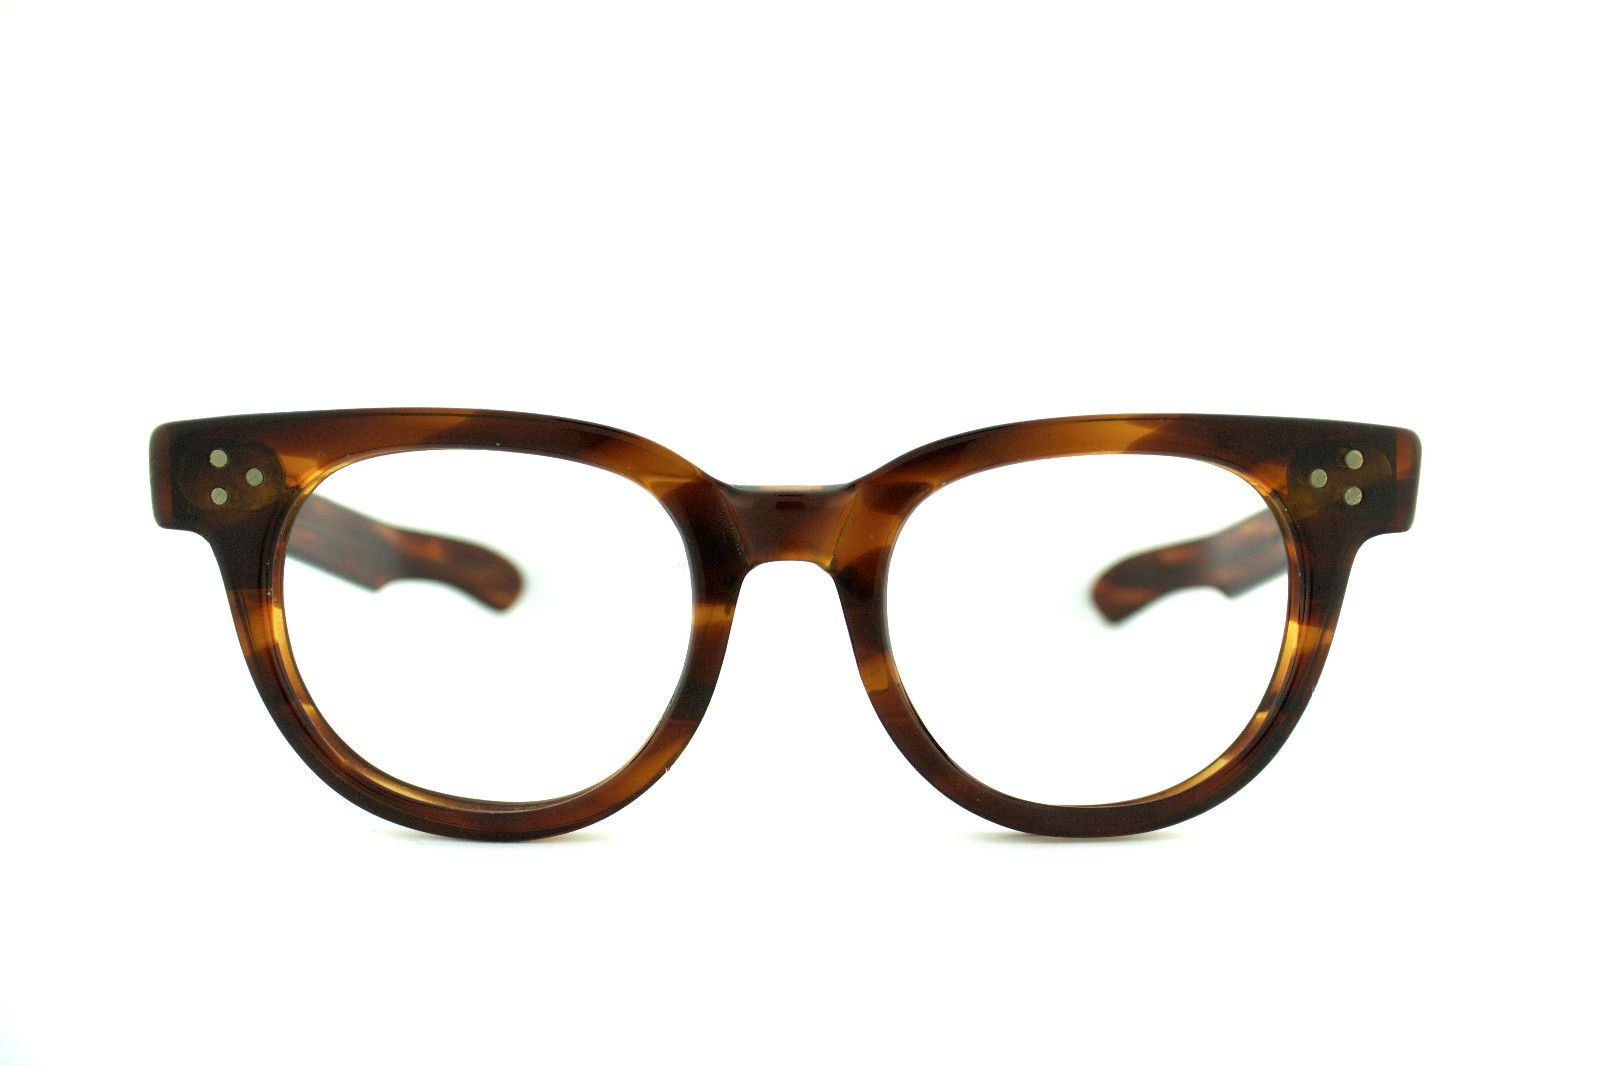 8edec1929db 60 s deadstock Tart Optical FDR Eyeglasses on eBay  699